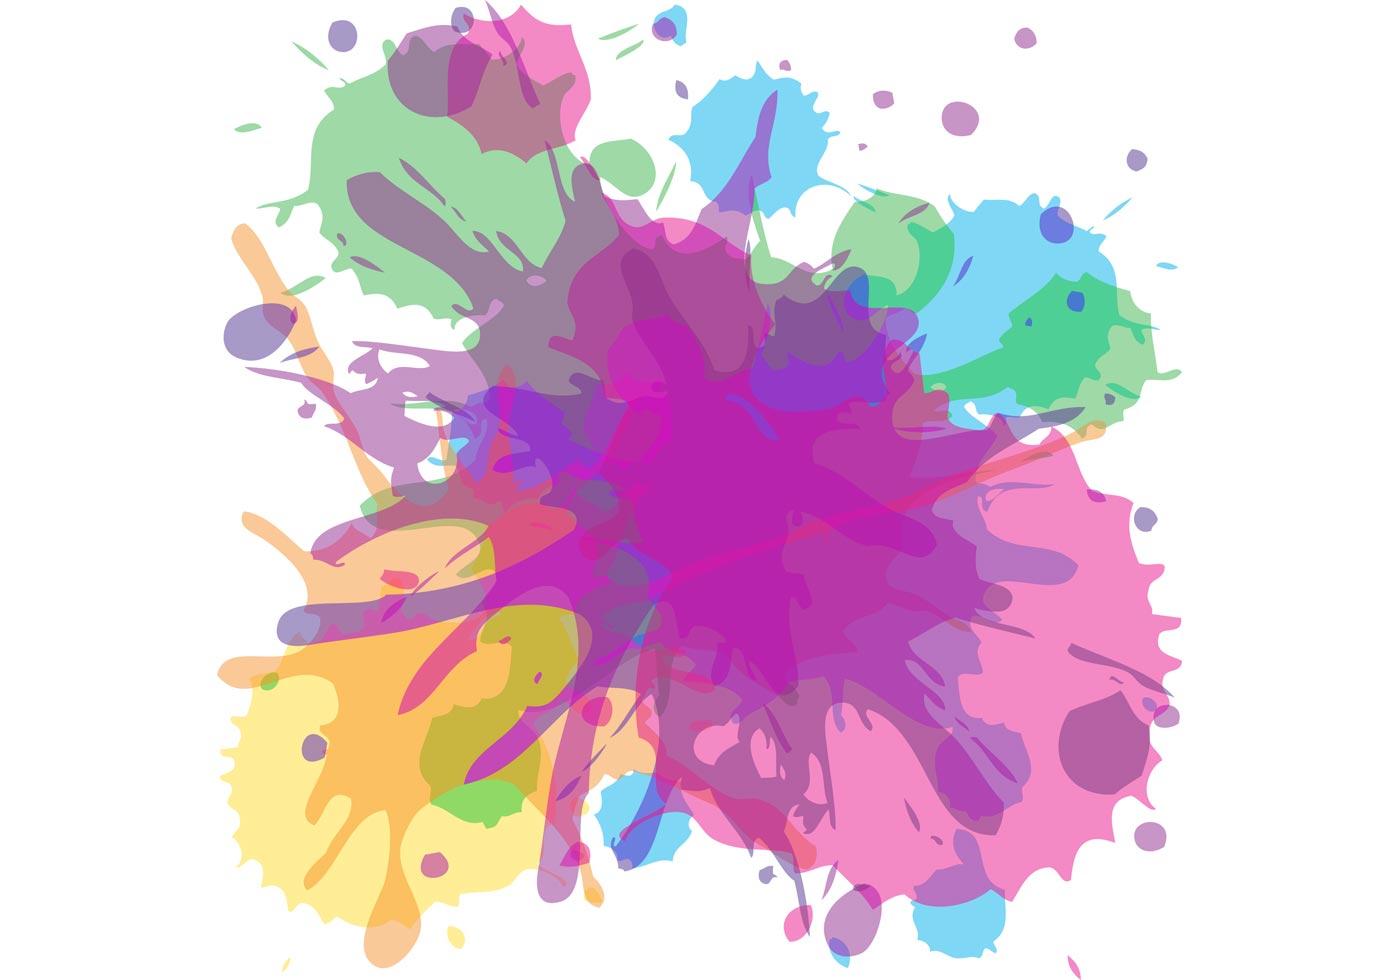 ink splash vetor download free vector art  stock splash vector free splash vector photoshop